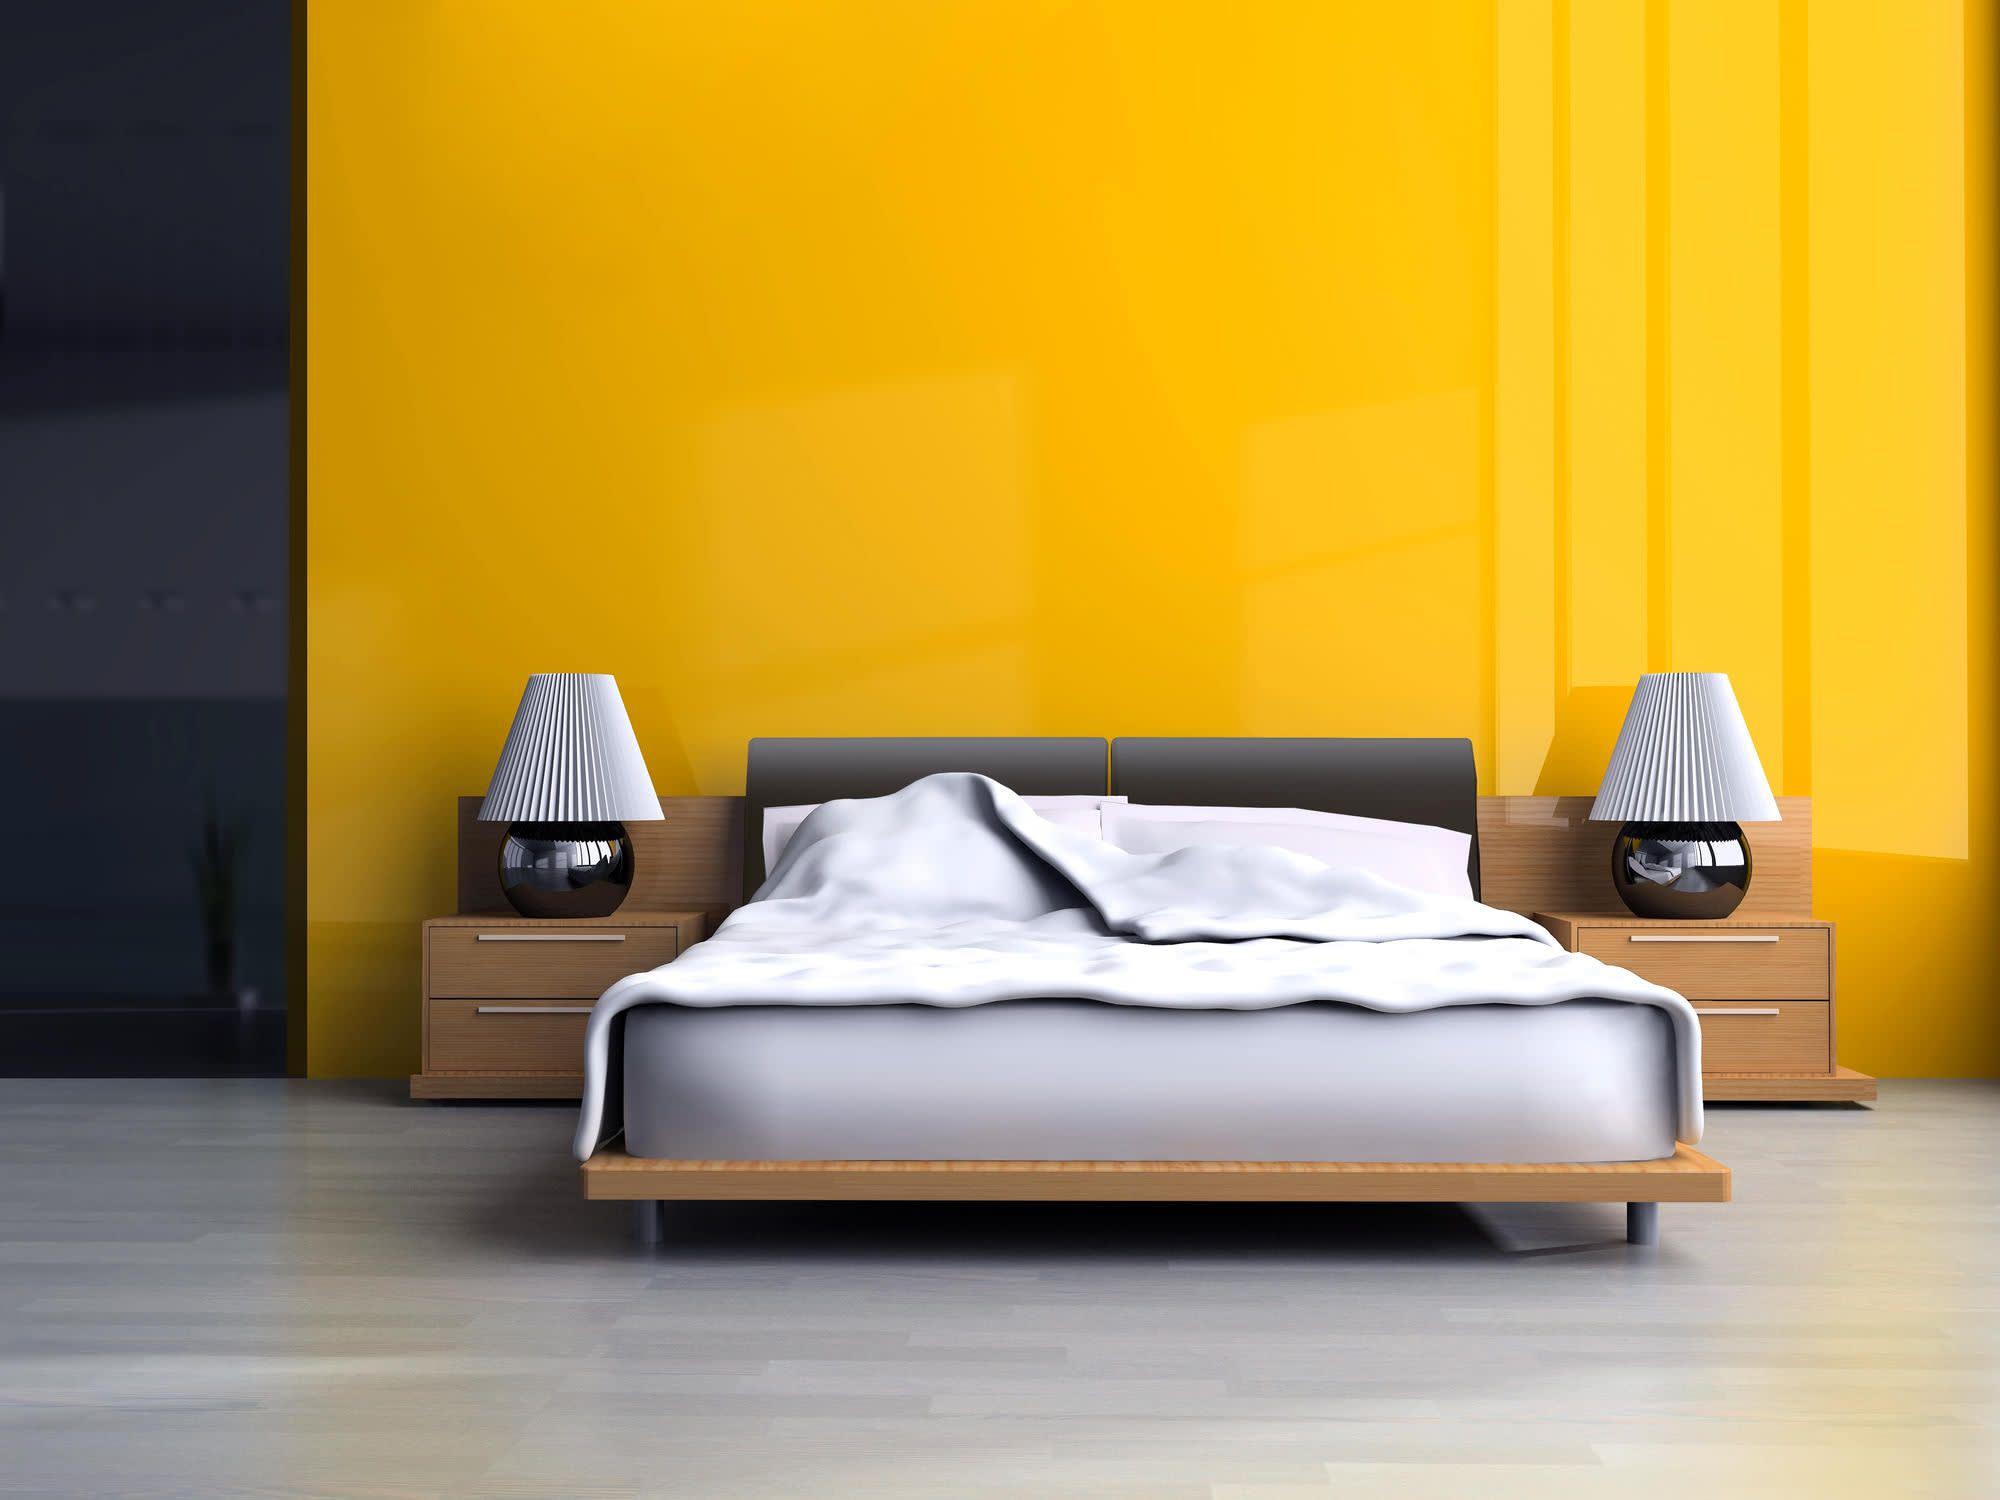 slaapkamer verven schilderen geel felle kleuren